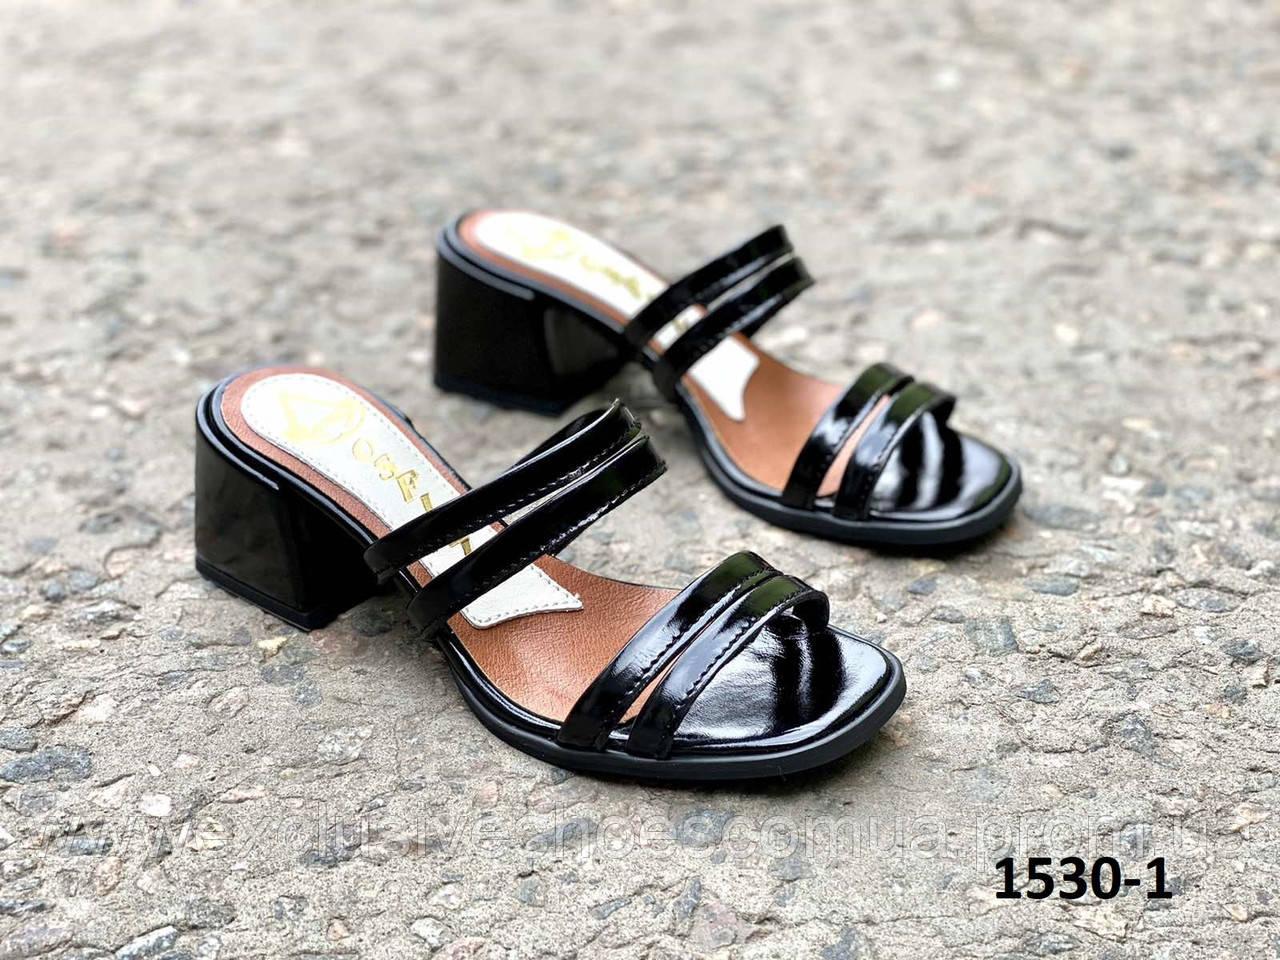 Сабо женские кожаные черные на каблуке